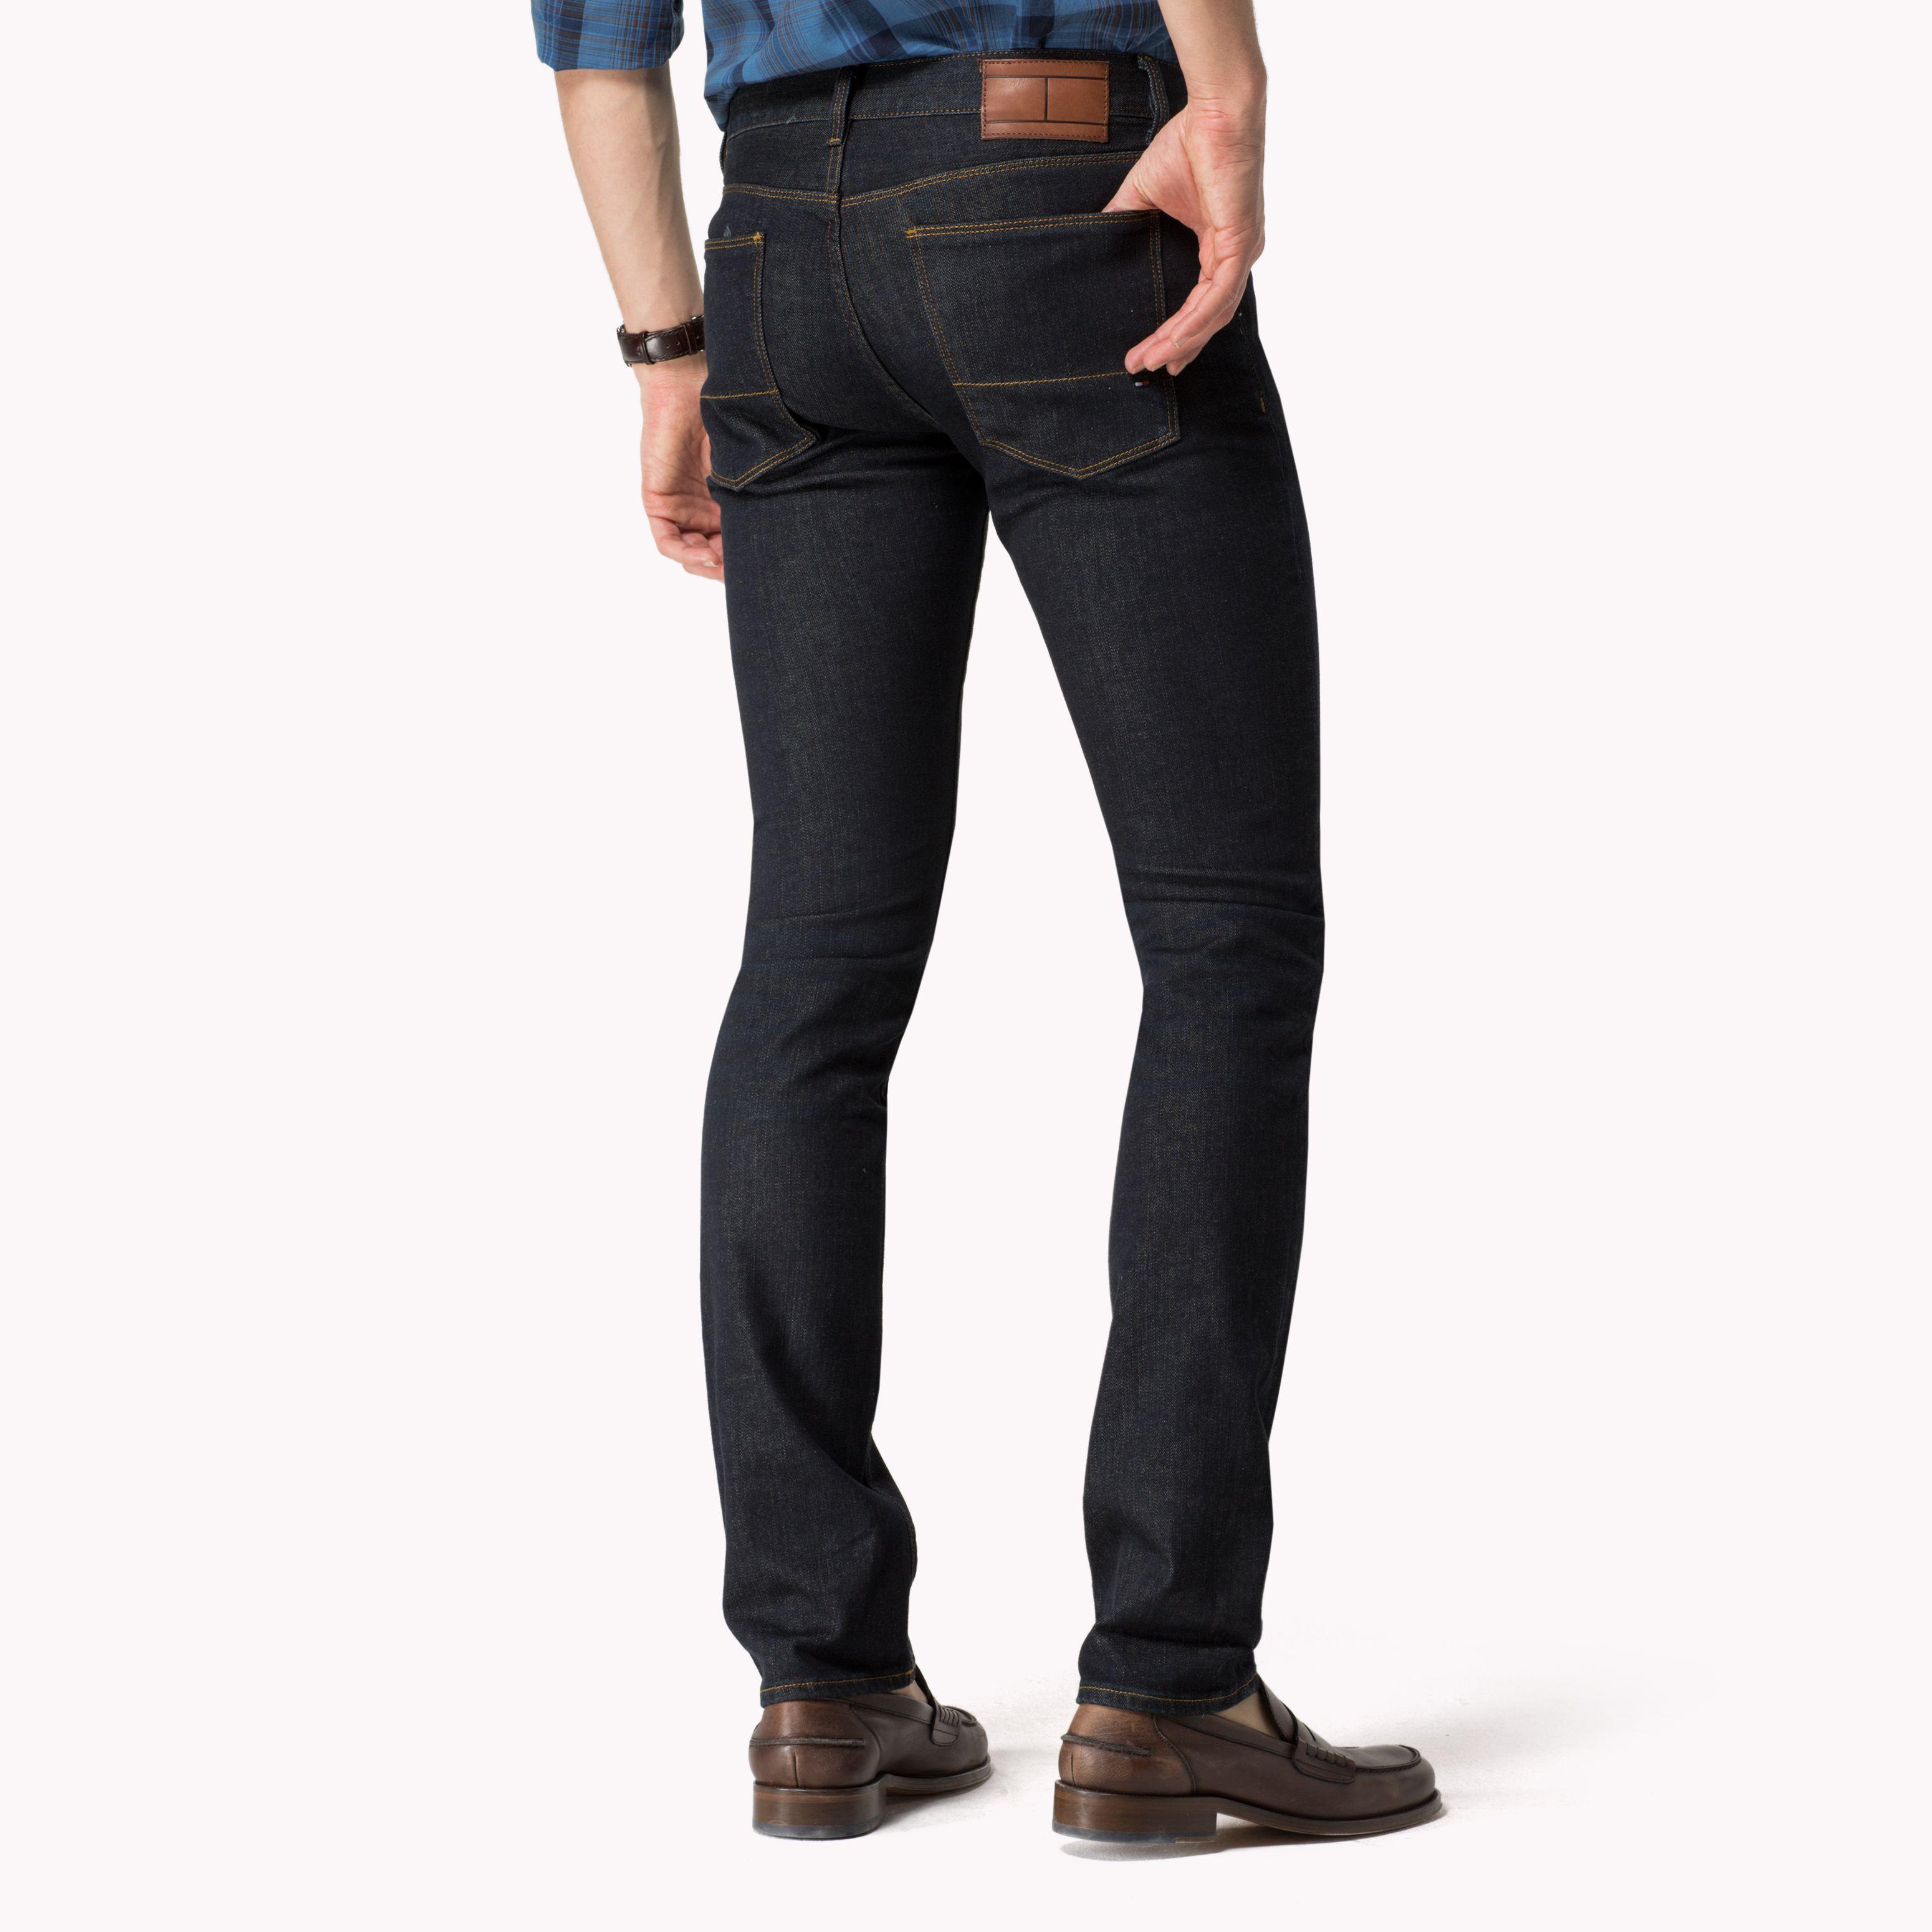 tommy hilfiger hudson dark wash mid rise jeans in blue for men lyst. Black Bedroom Furniture Sets. Home Design Ideas